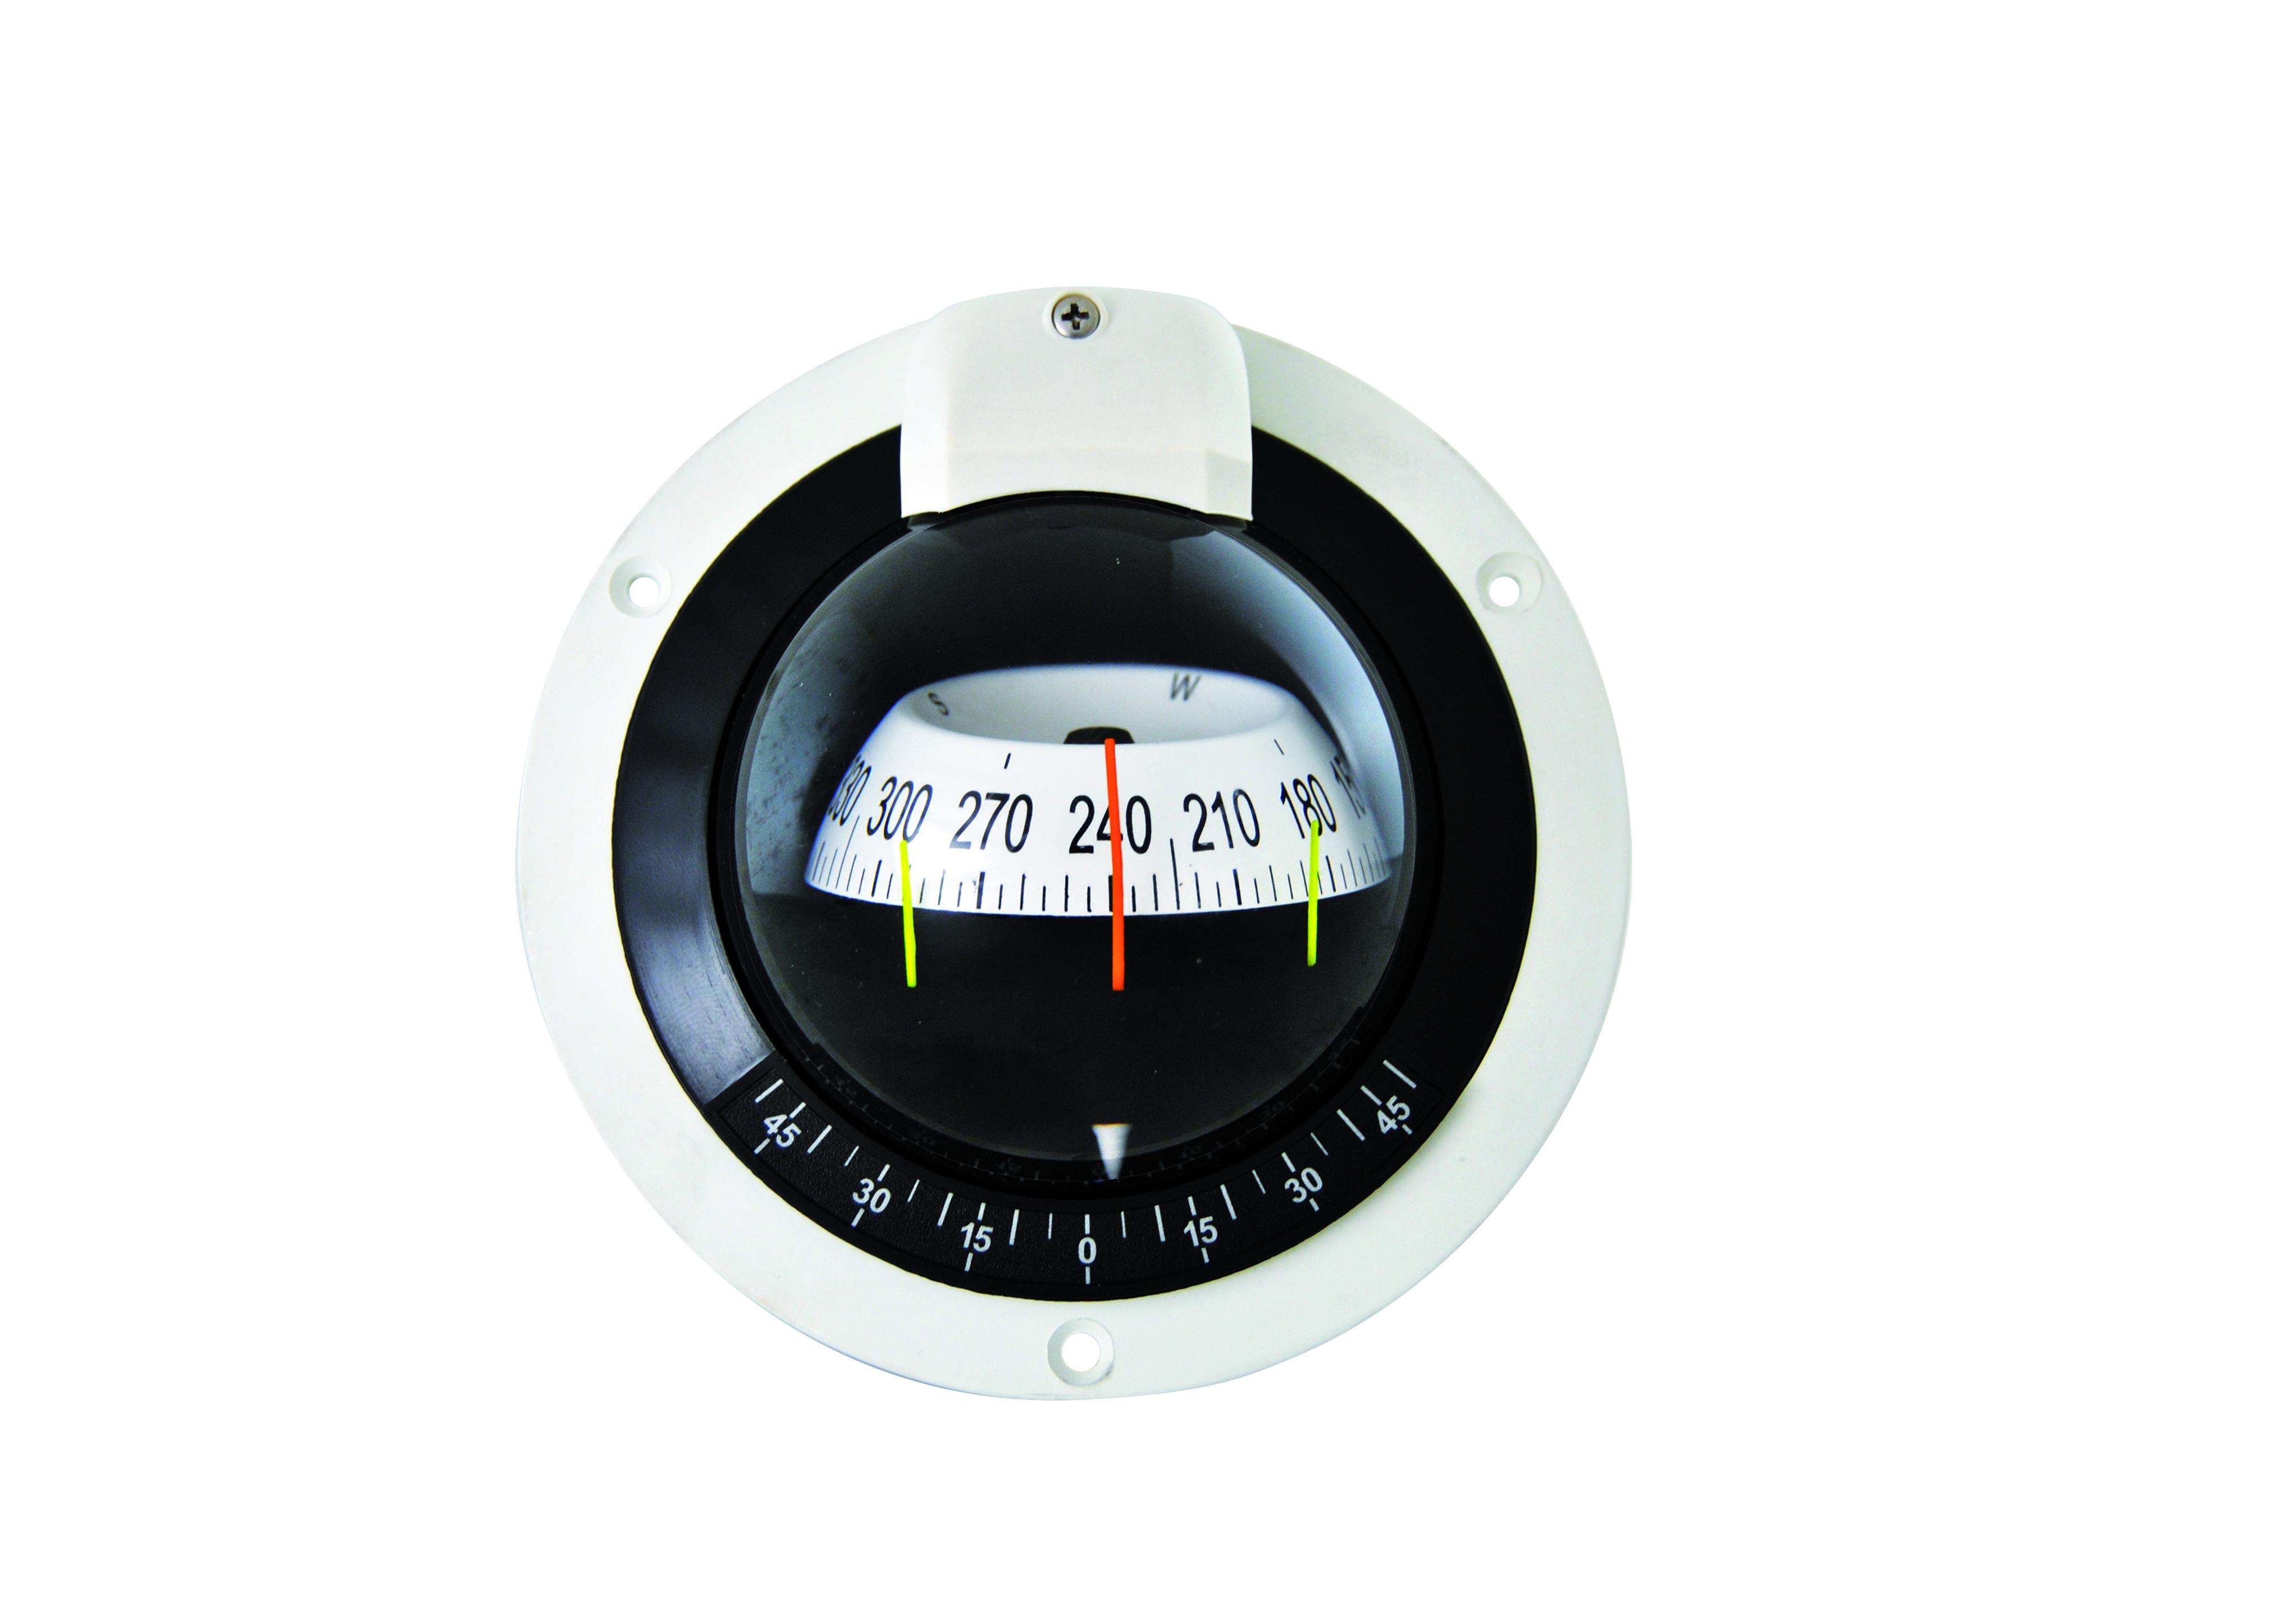 151.69 - Πυξίδα Χωνευτή Οριζόντιας Τοποθέτησης Χρώμα Λευκό